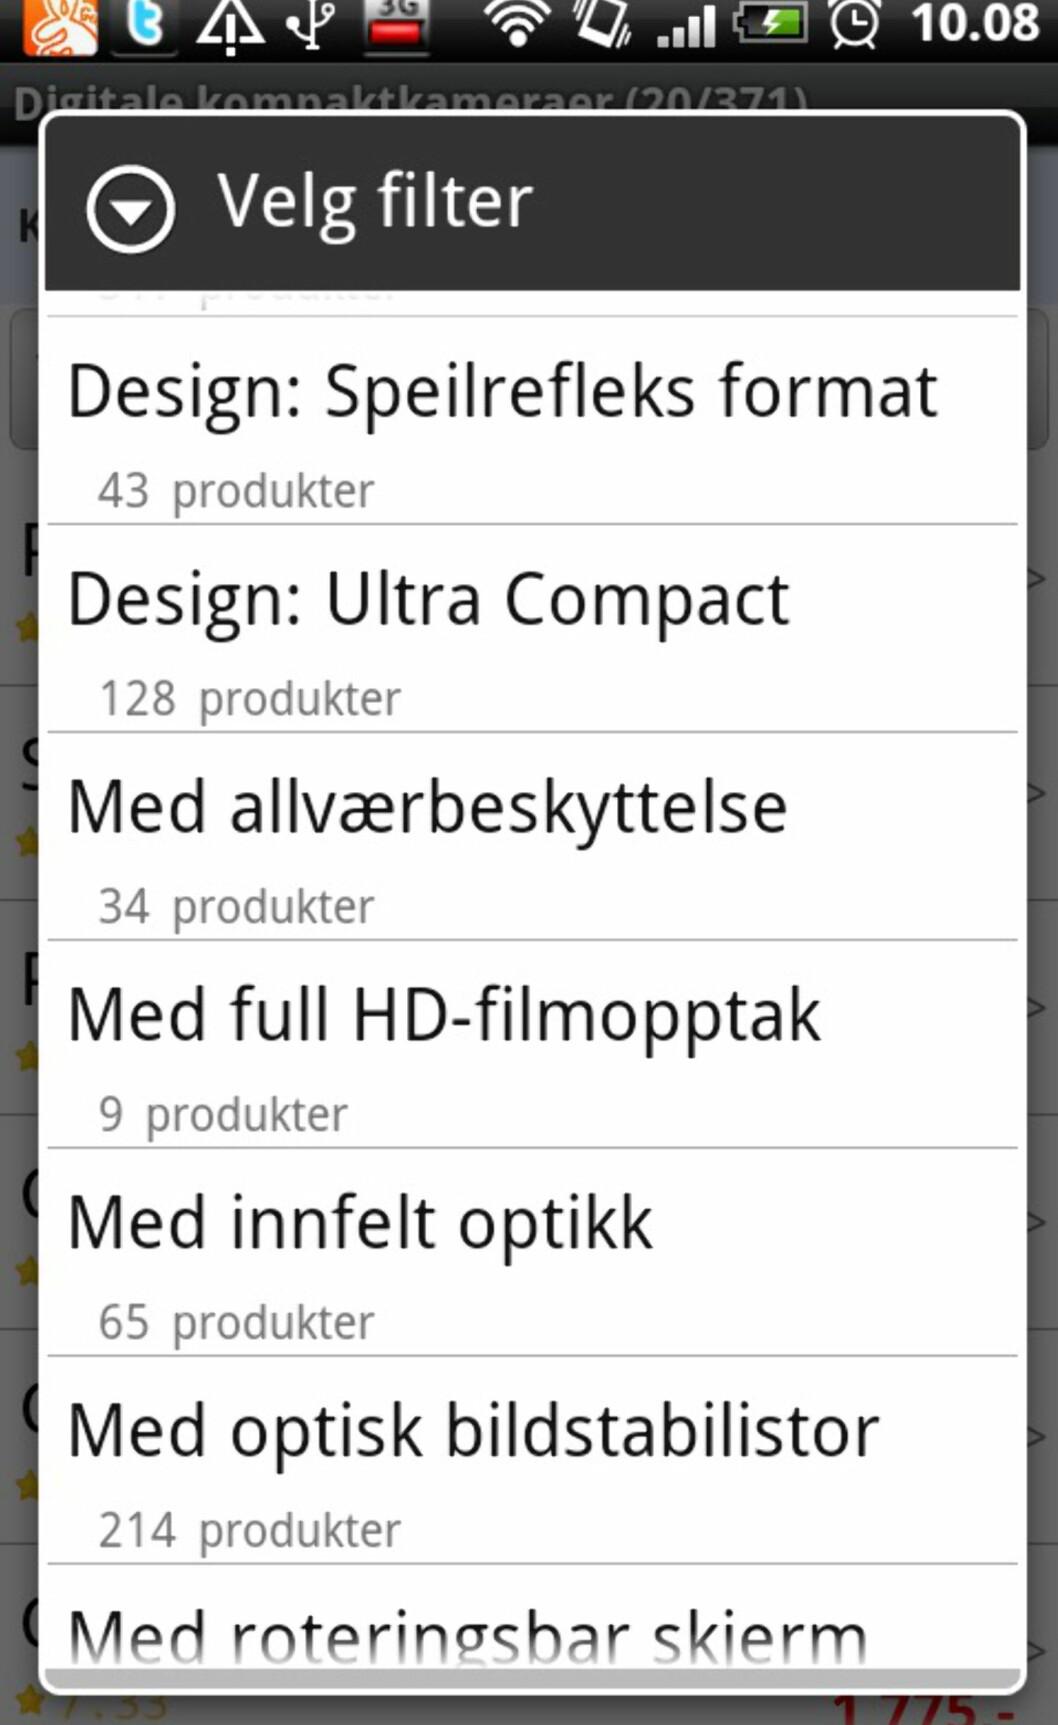 Du kan filtrere en kategori basert på enkeltkriterier.